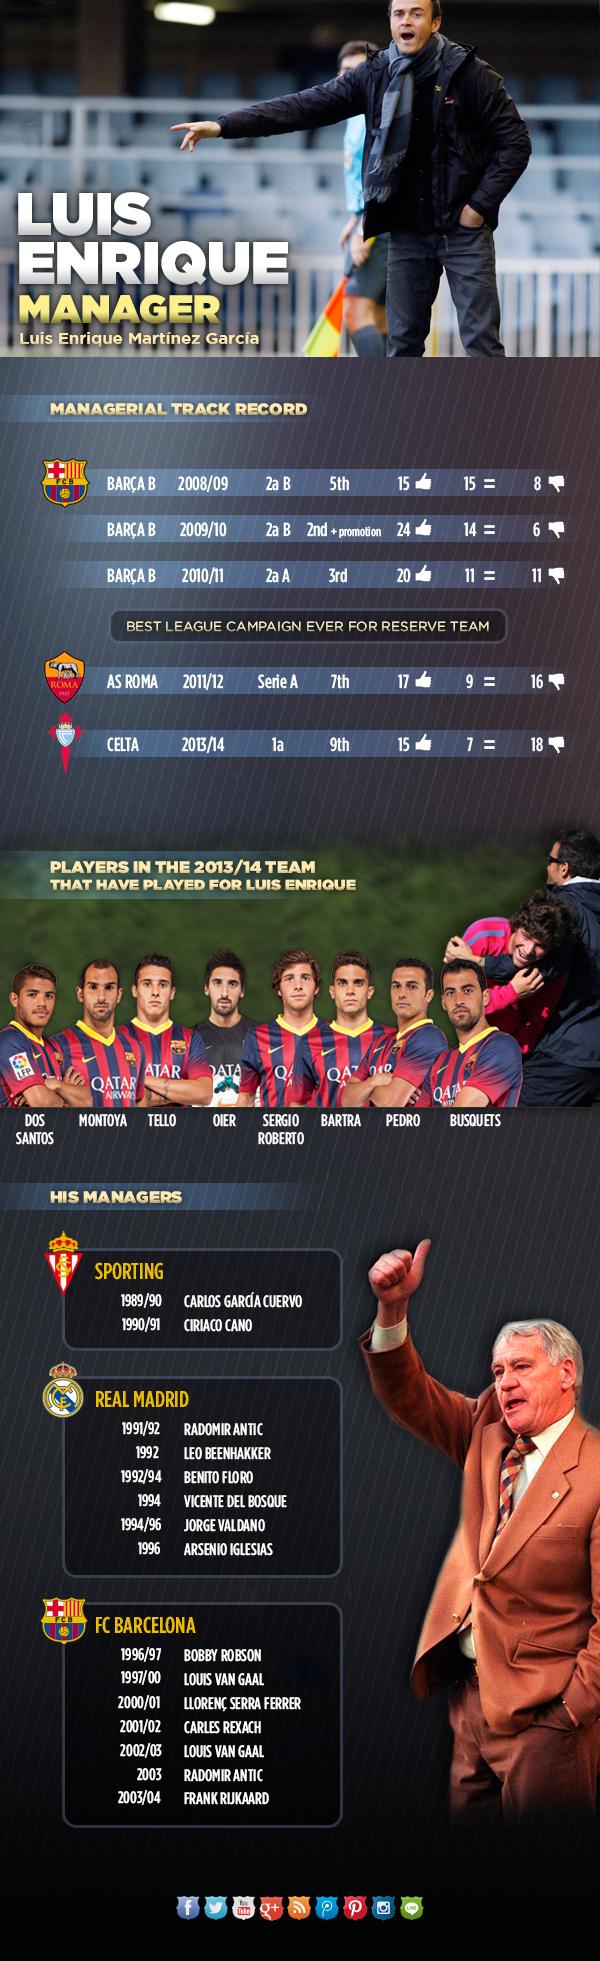 Spécial Messi et FCBarcelone (Part 2) - Page 9 Infografic_LUIS_ENRIQUE-entrenador-ENG.v1400606079